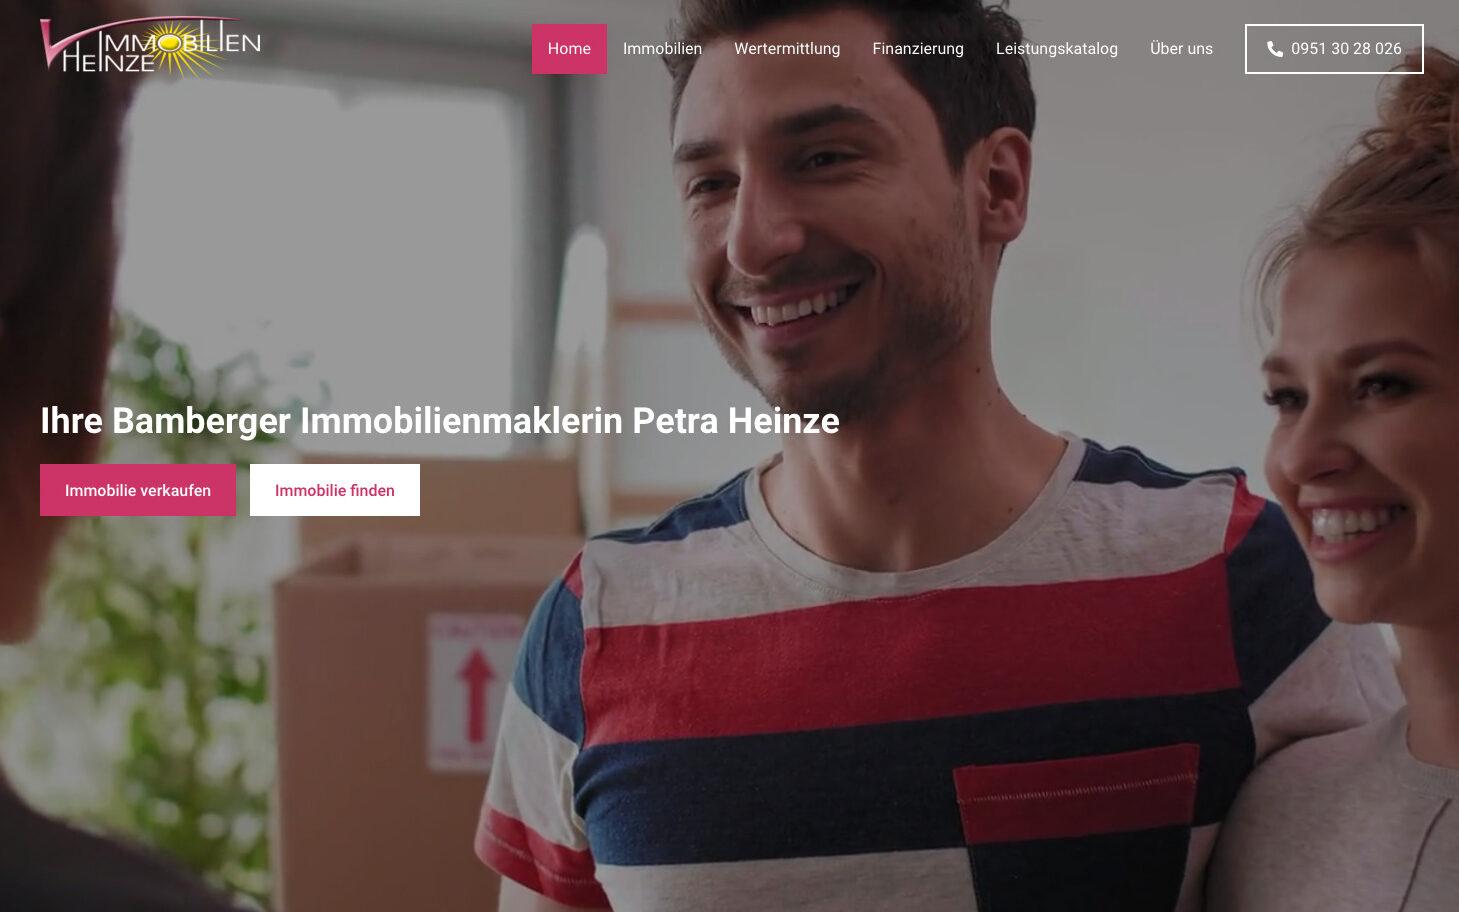 Immobilien Heinze Startseite